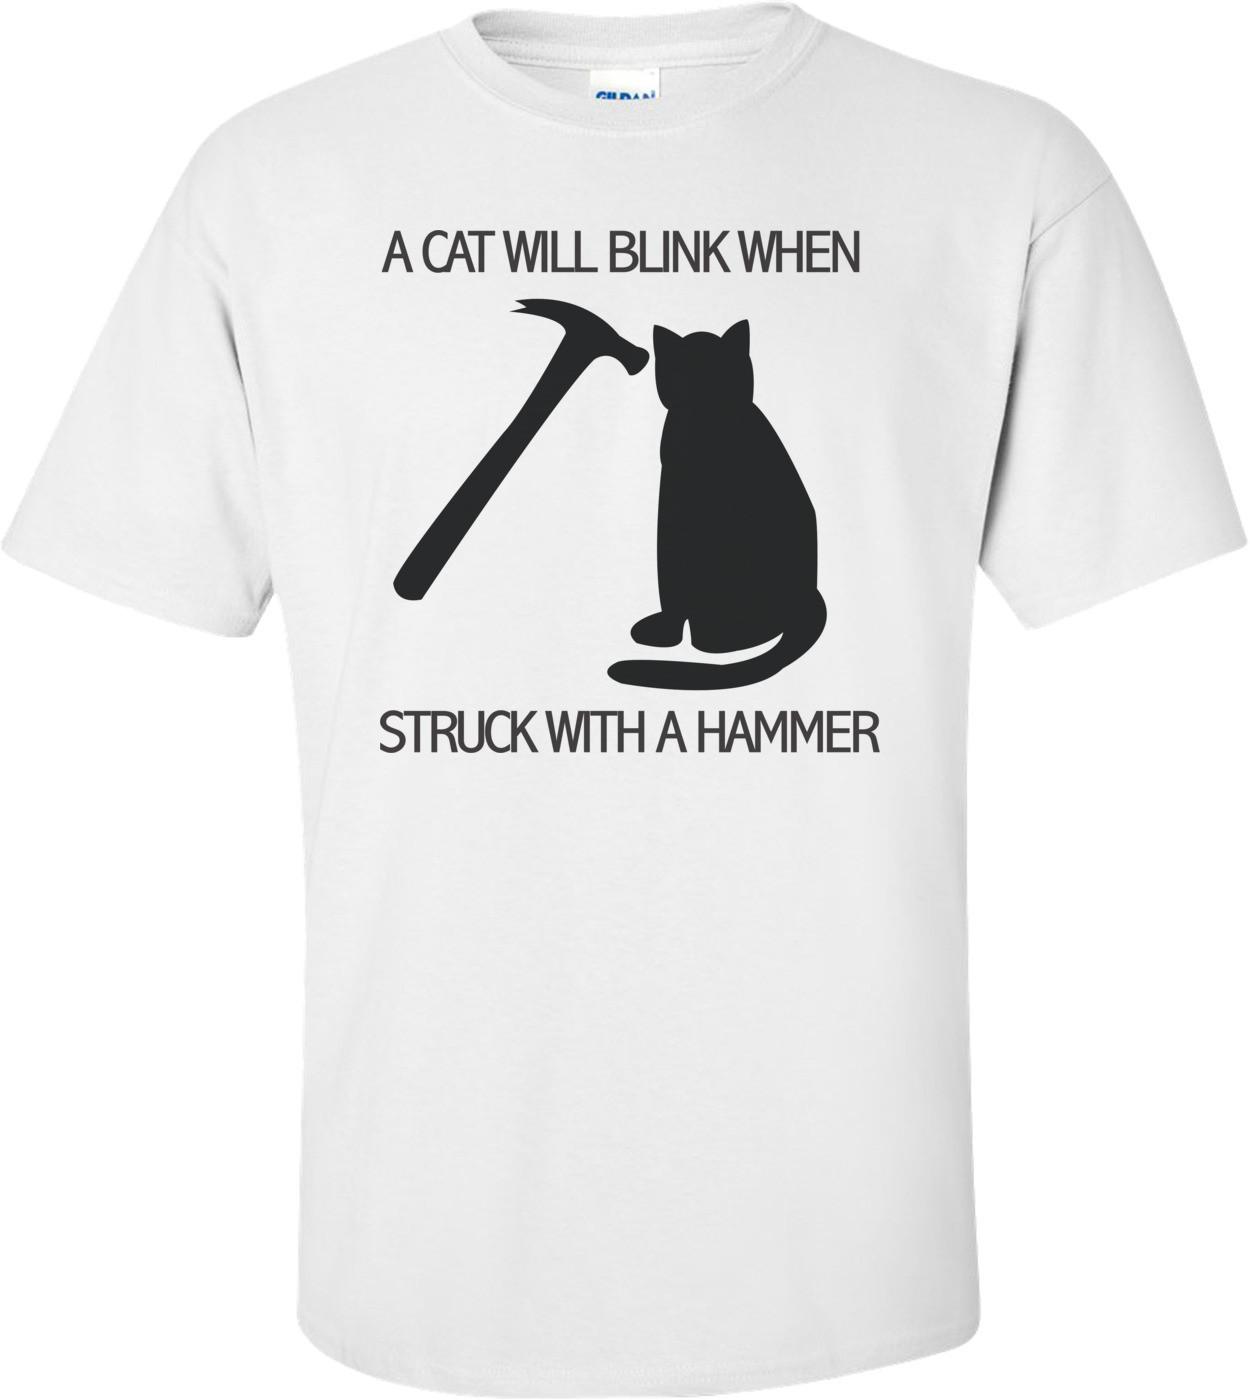 A Cat Will Blink When Struck With A Hammer T-shirt